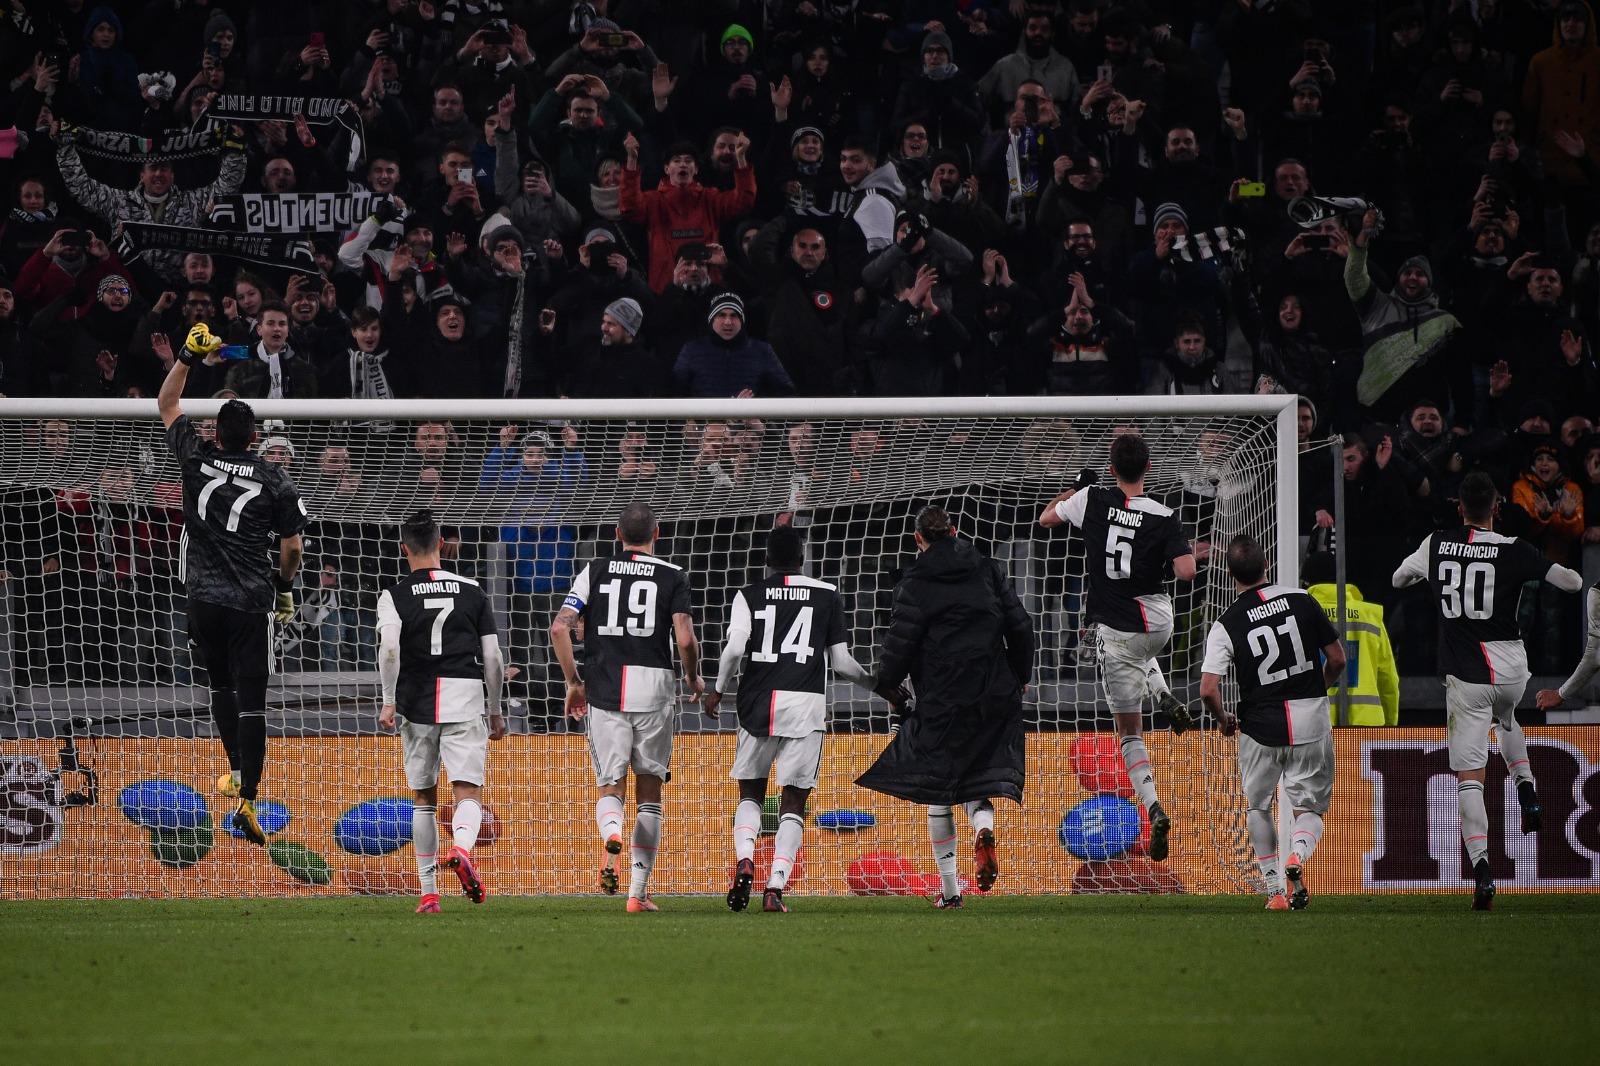 Skuat Juventus merayakan kemenangan ke arah fan usai pertandingan. (Twitter/@juventusfc)